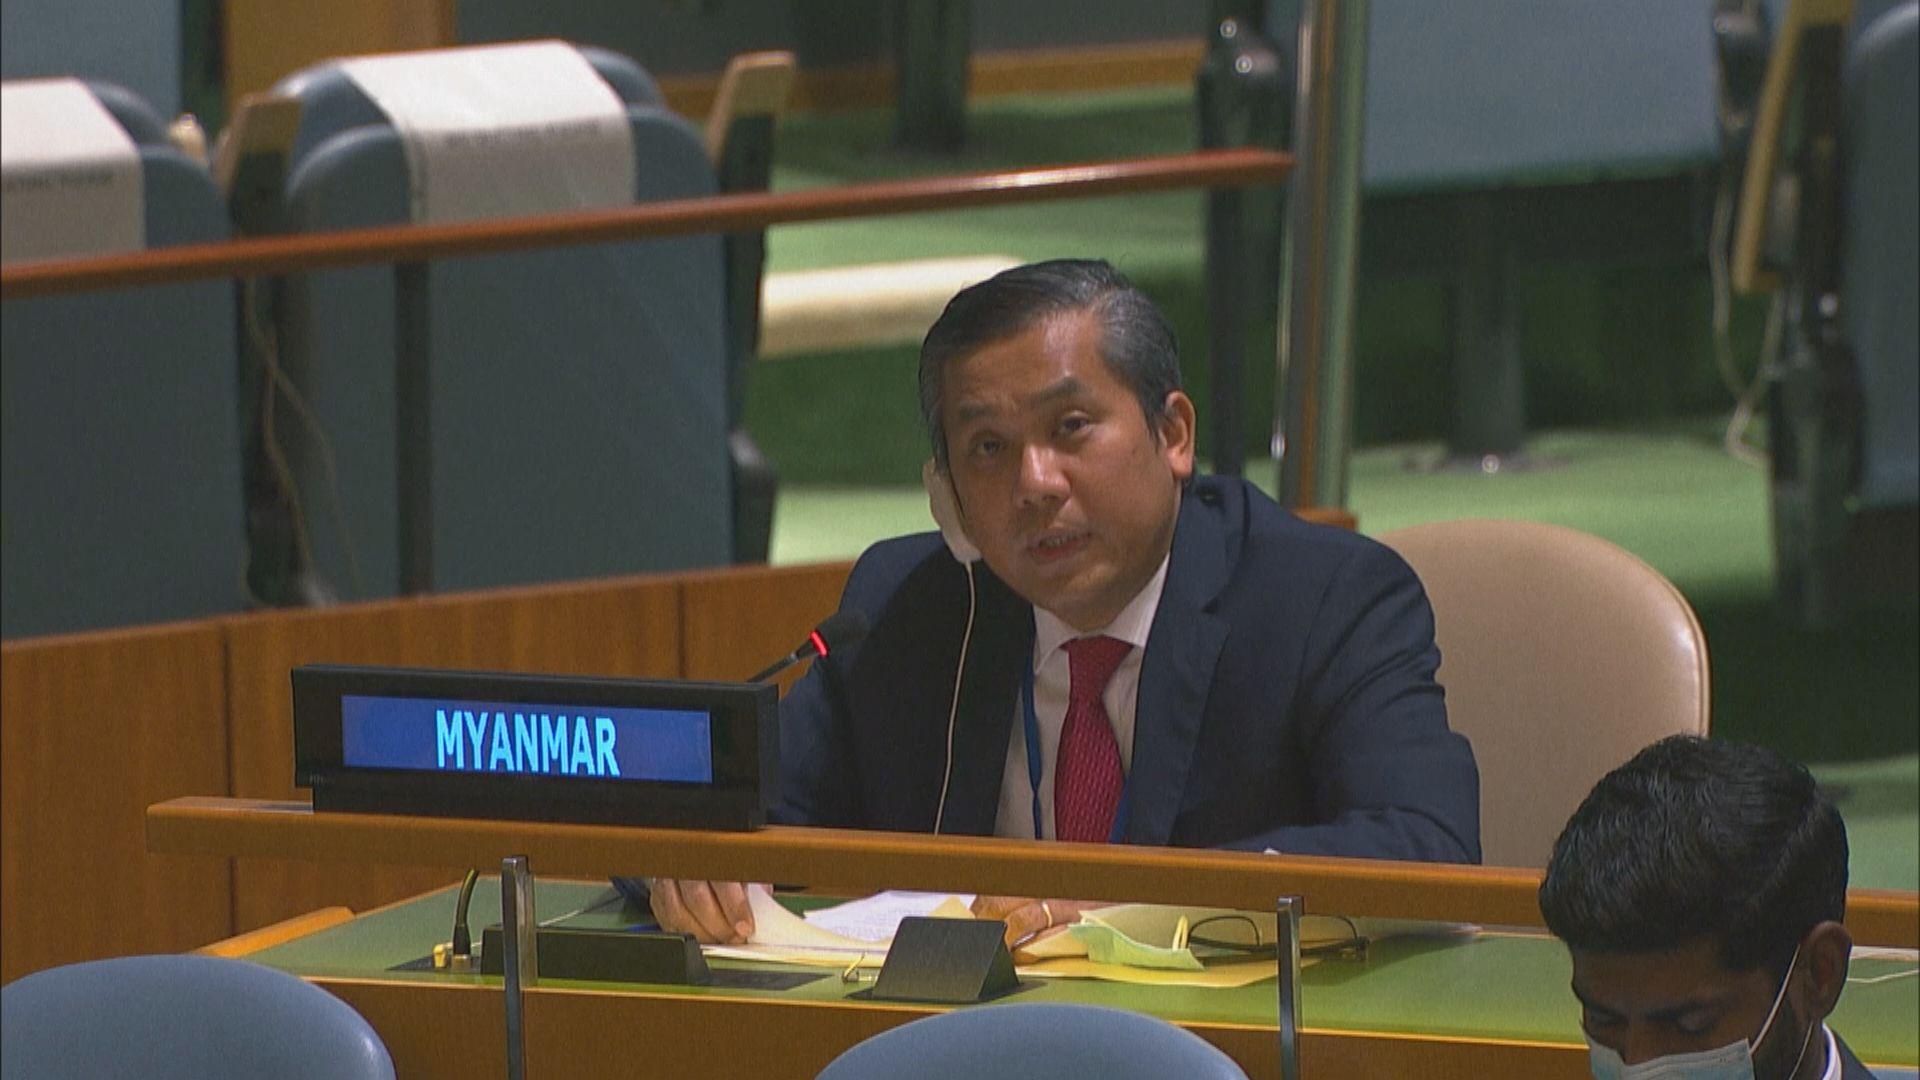 緬甸駐聯合國代表表明反對政變 促國際社會拒承認緬甸軍政府